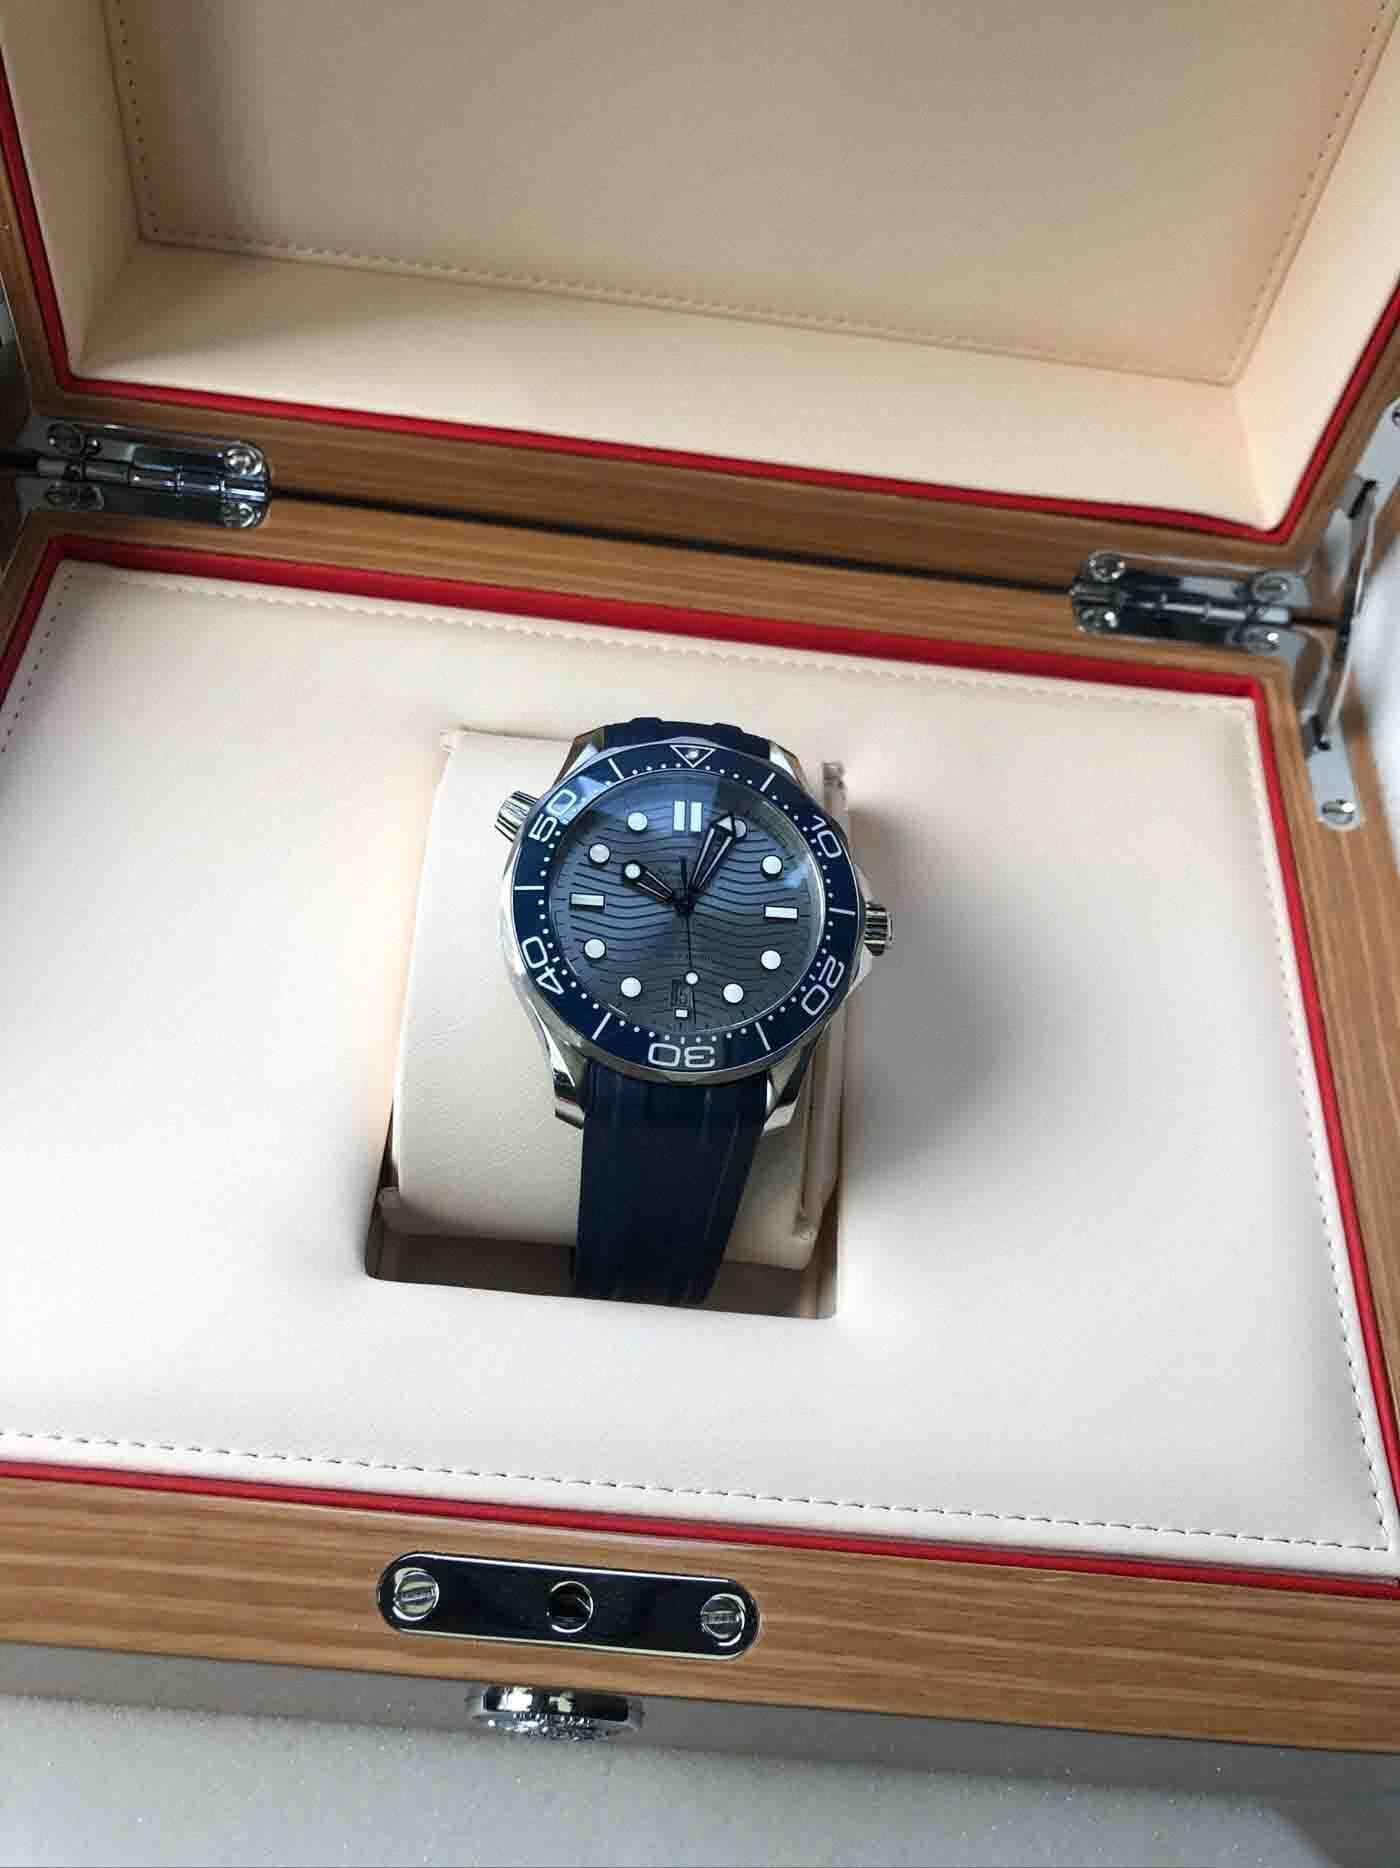 Luxus 2019 neueste Mens Uhren Professionelle 300 m James Bond 007 50th Anniversary Schwarz Blau Zifferblatt Dial Uhren Automatik Uhr Men #